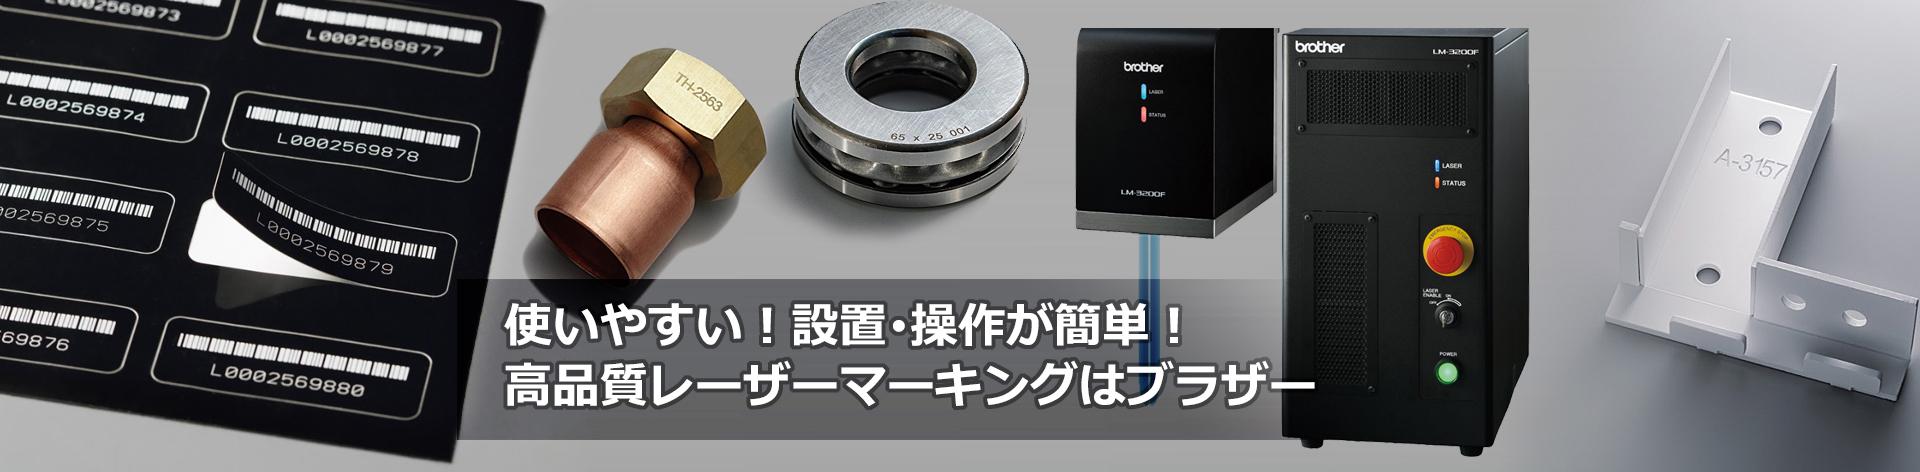 高品質レーザーマーキング(レーザー加工機)はブラザー